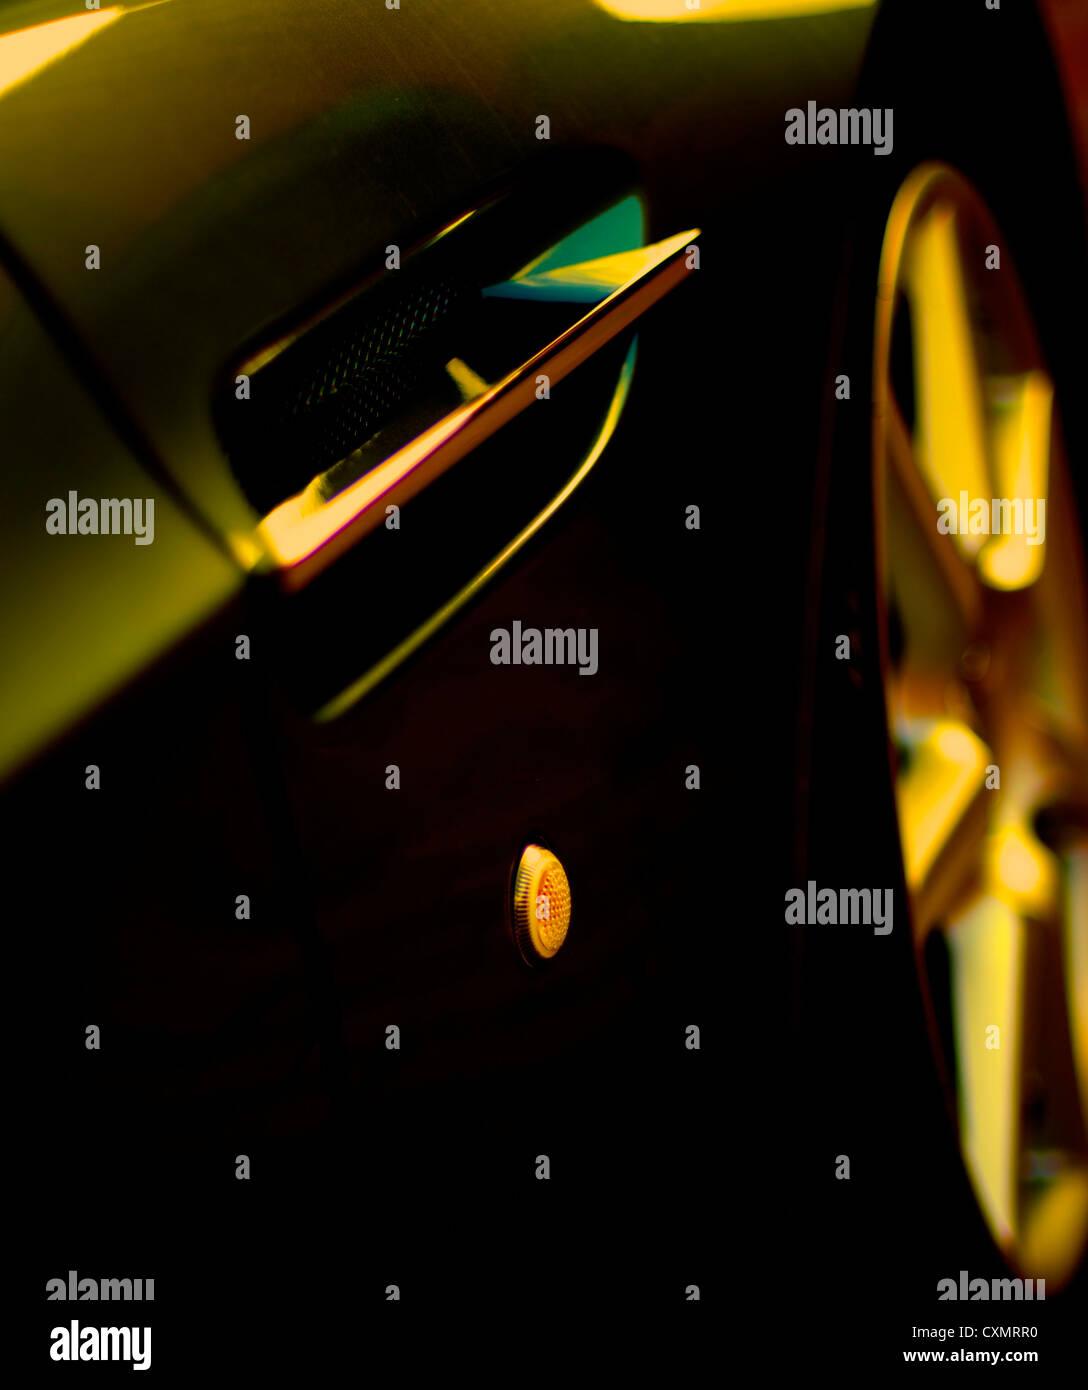 vorne Beifahrerseite Aston Martin v8 Vantage Rad Legierung schöne dunkle Schatten Ökostrom Traum Auto Stockbild